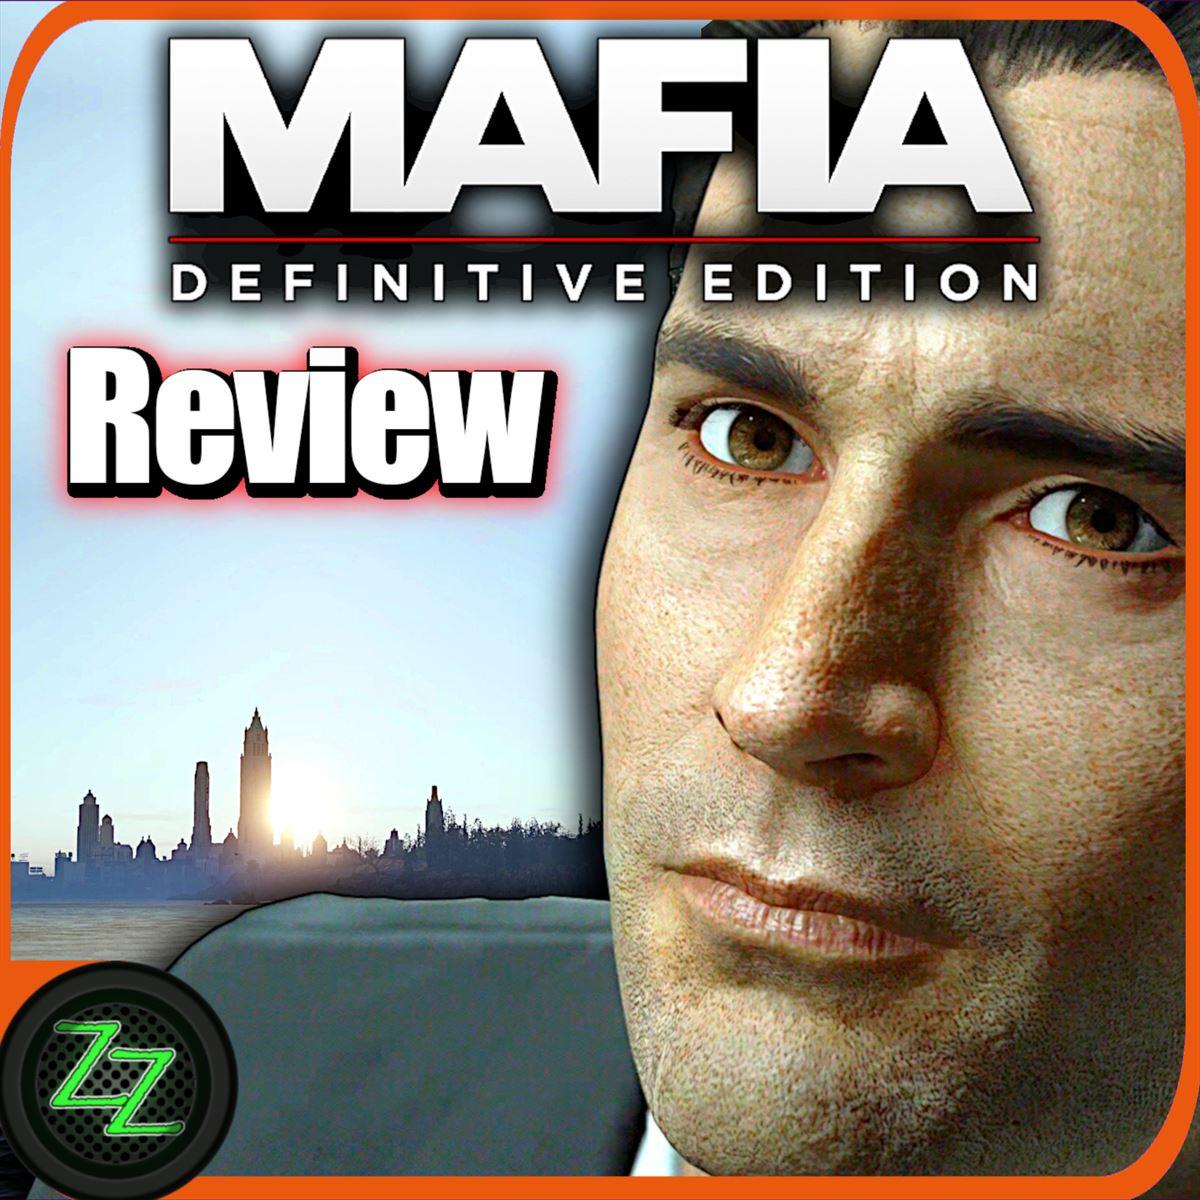 Mafia Definitive Edition Review – Test des tollen Mafia 1 Remake by Zap von ZapZockt.de